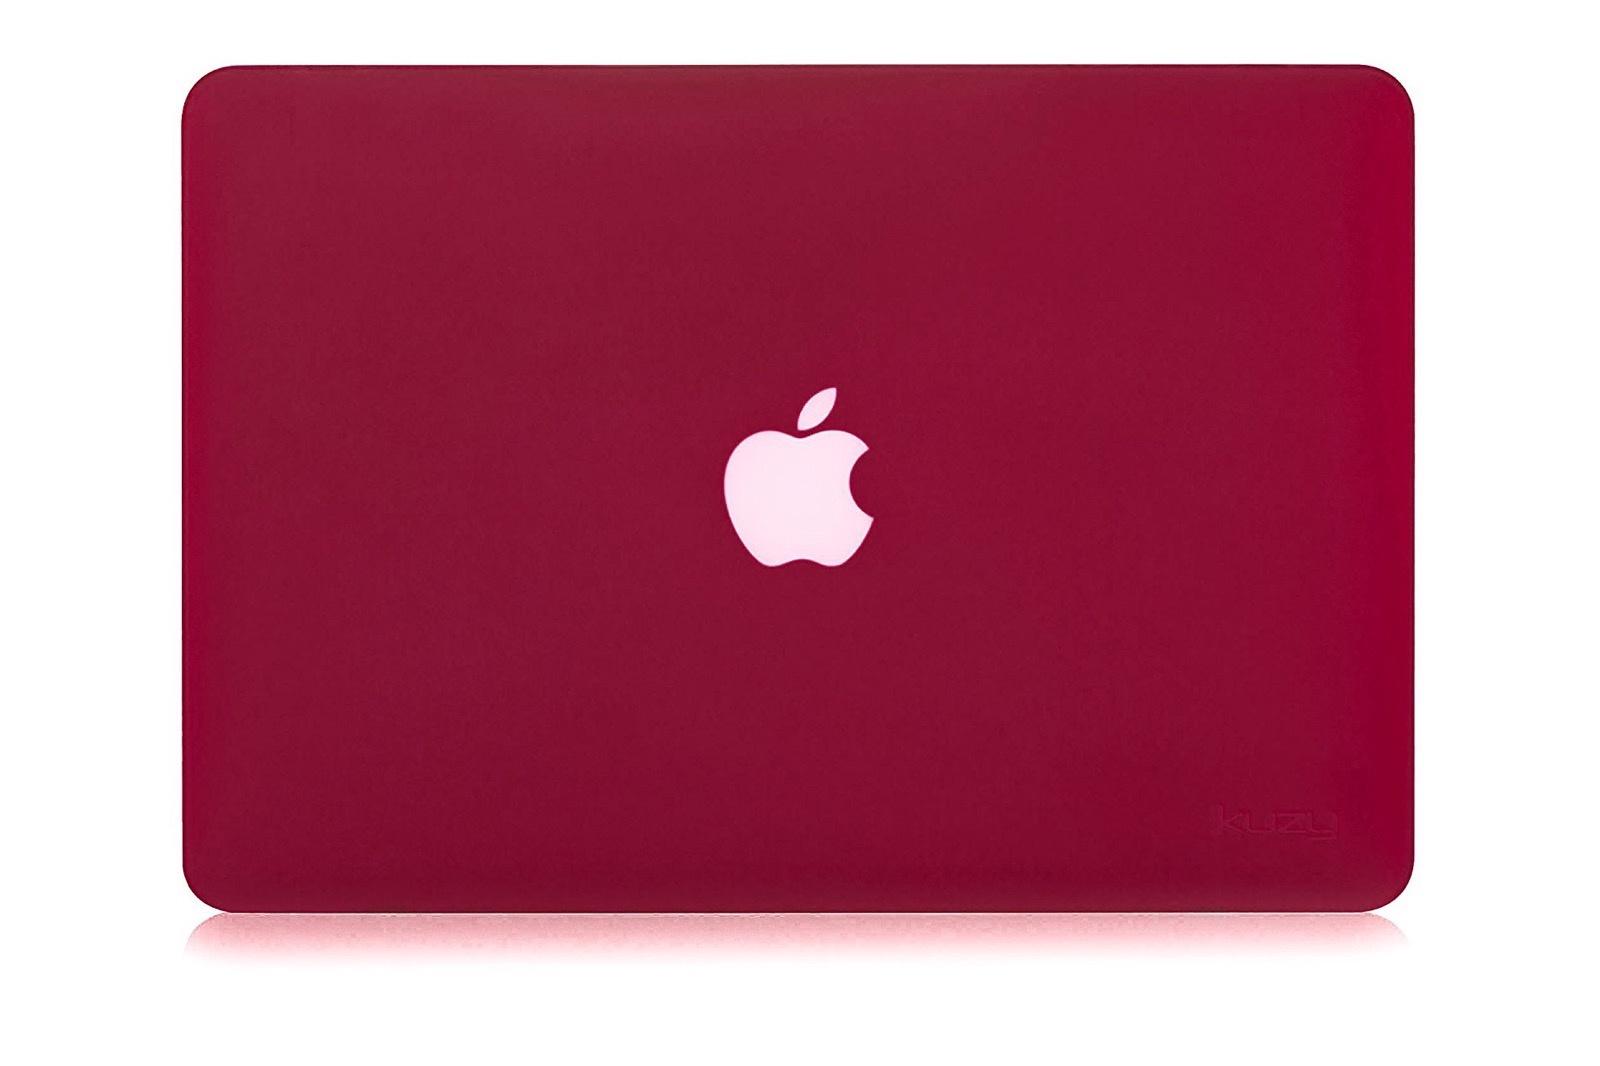 Чехол для ноутбука Gurdini накладка пластик матовый 900142 для Apple MacBook Retina 13